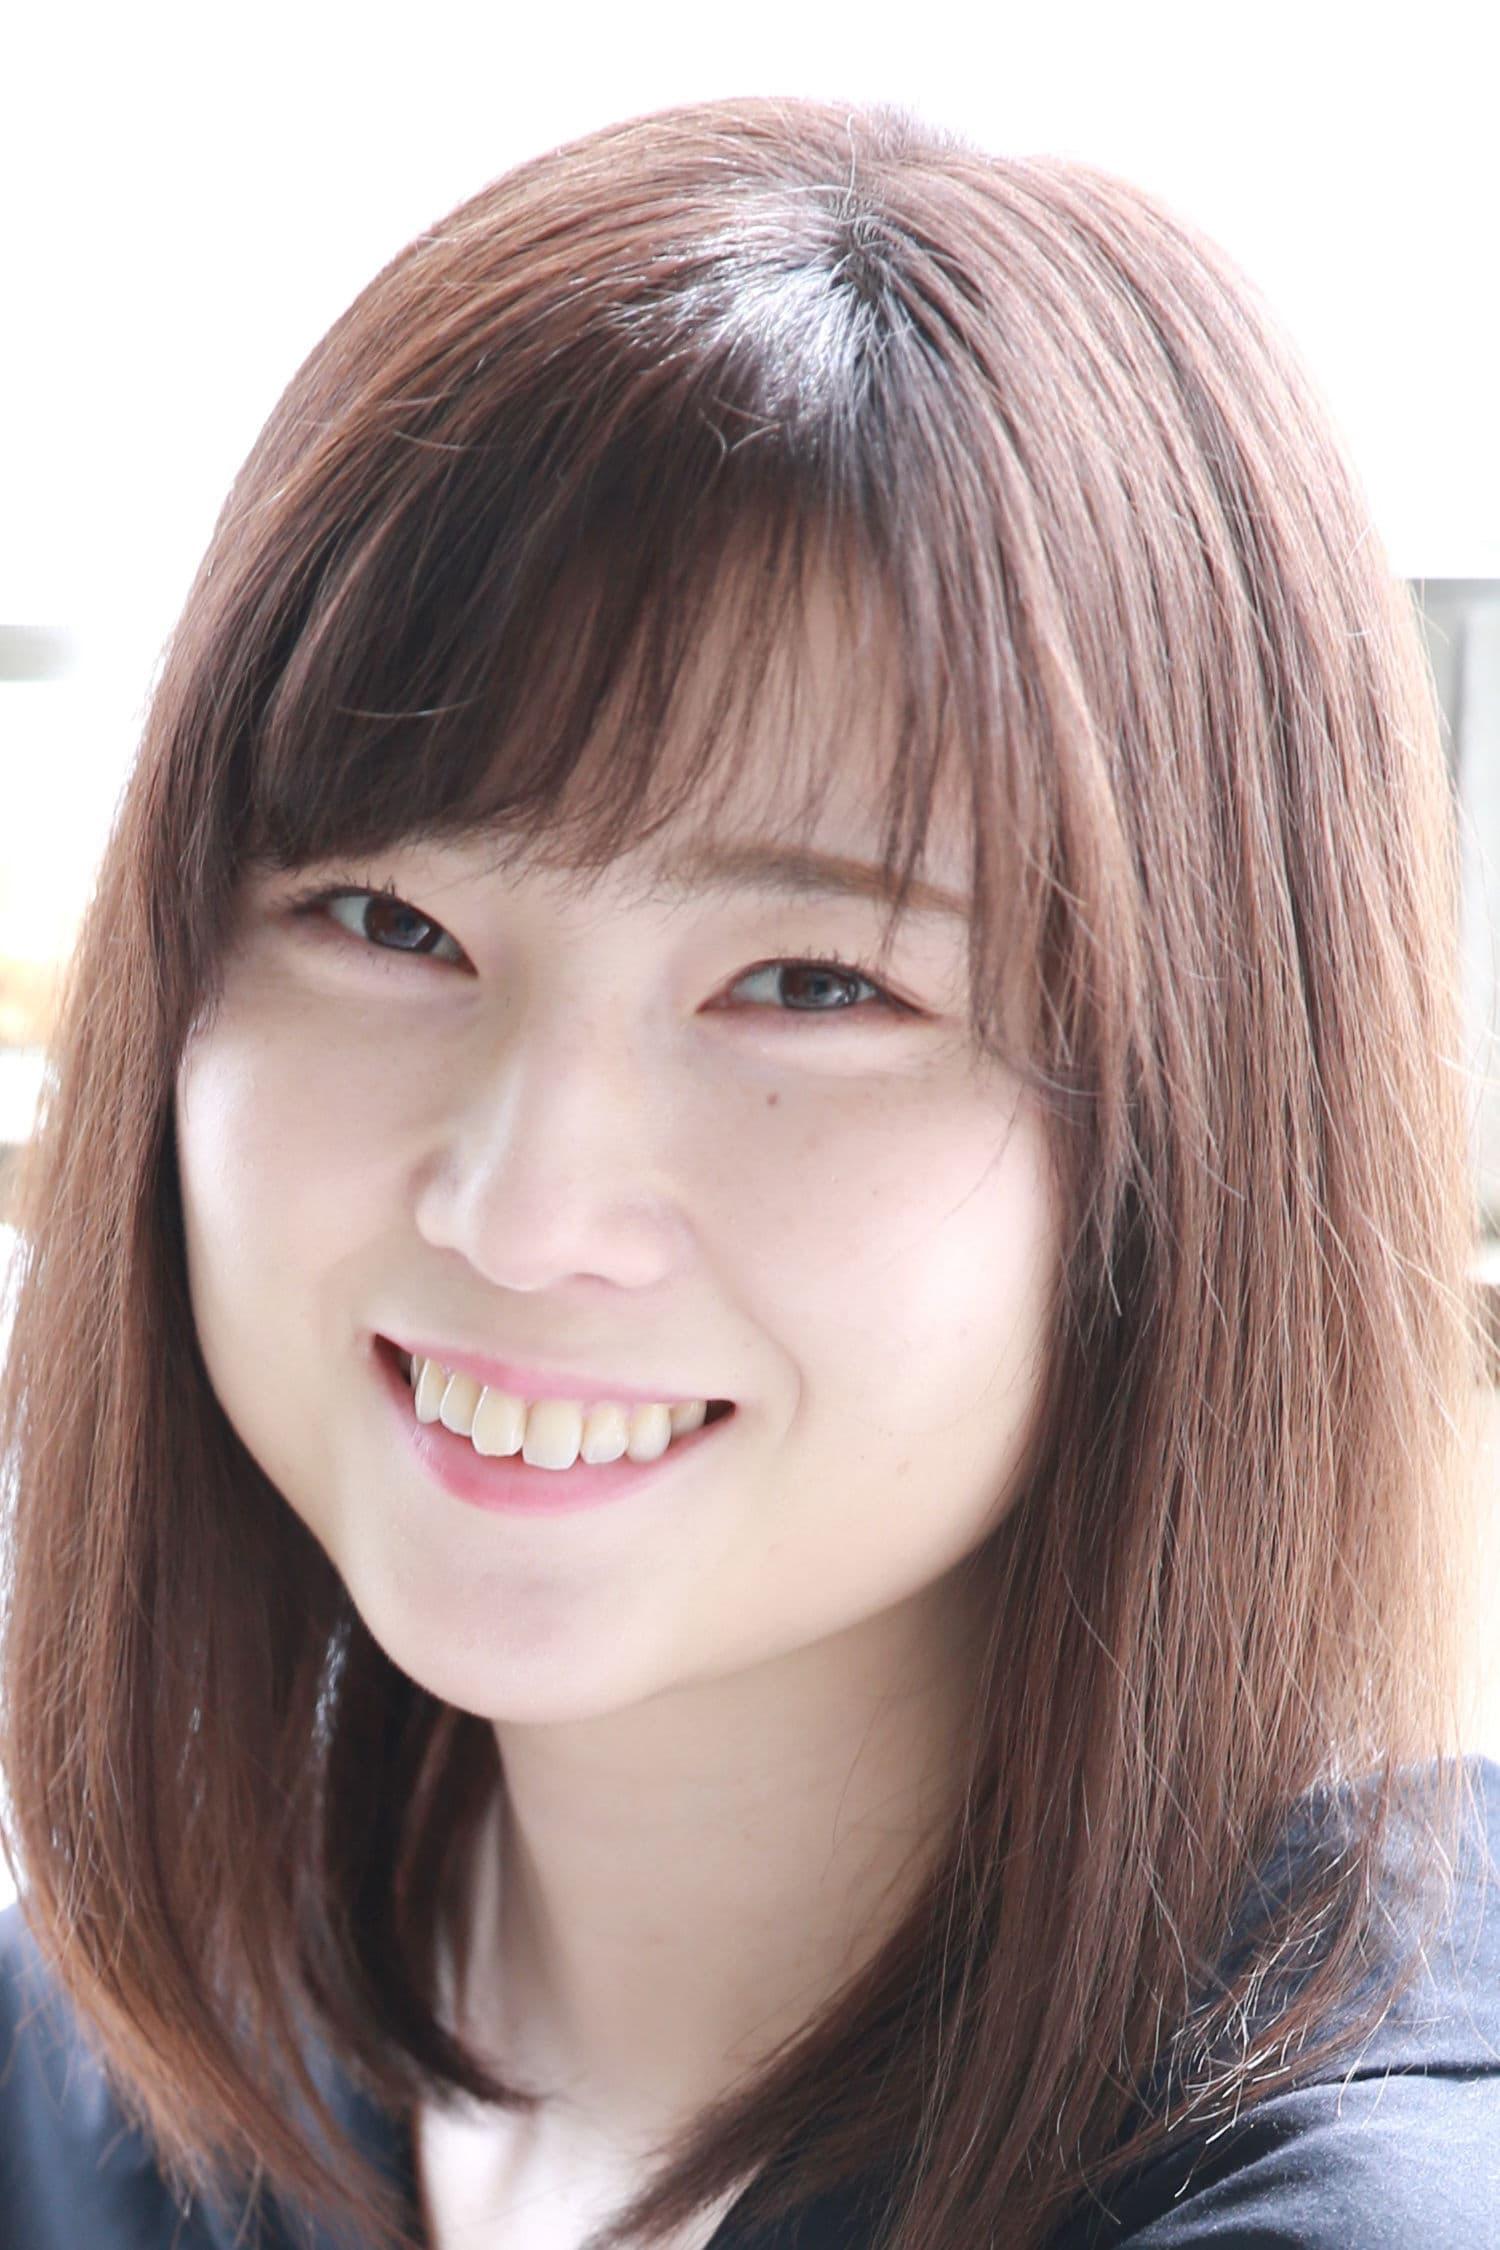 Kanako Sakuragi